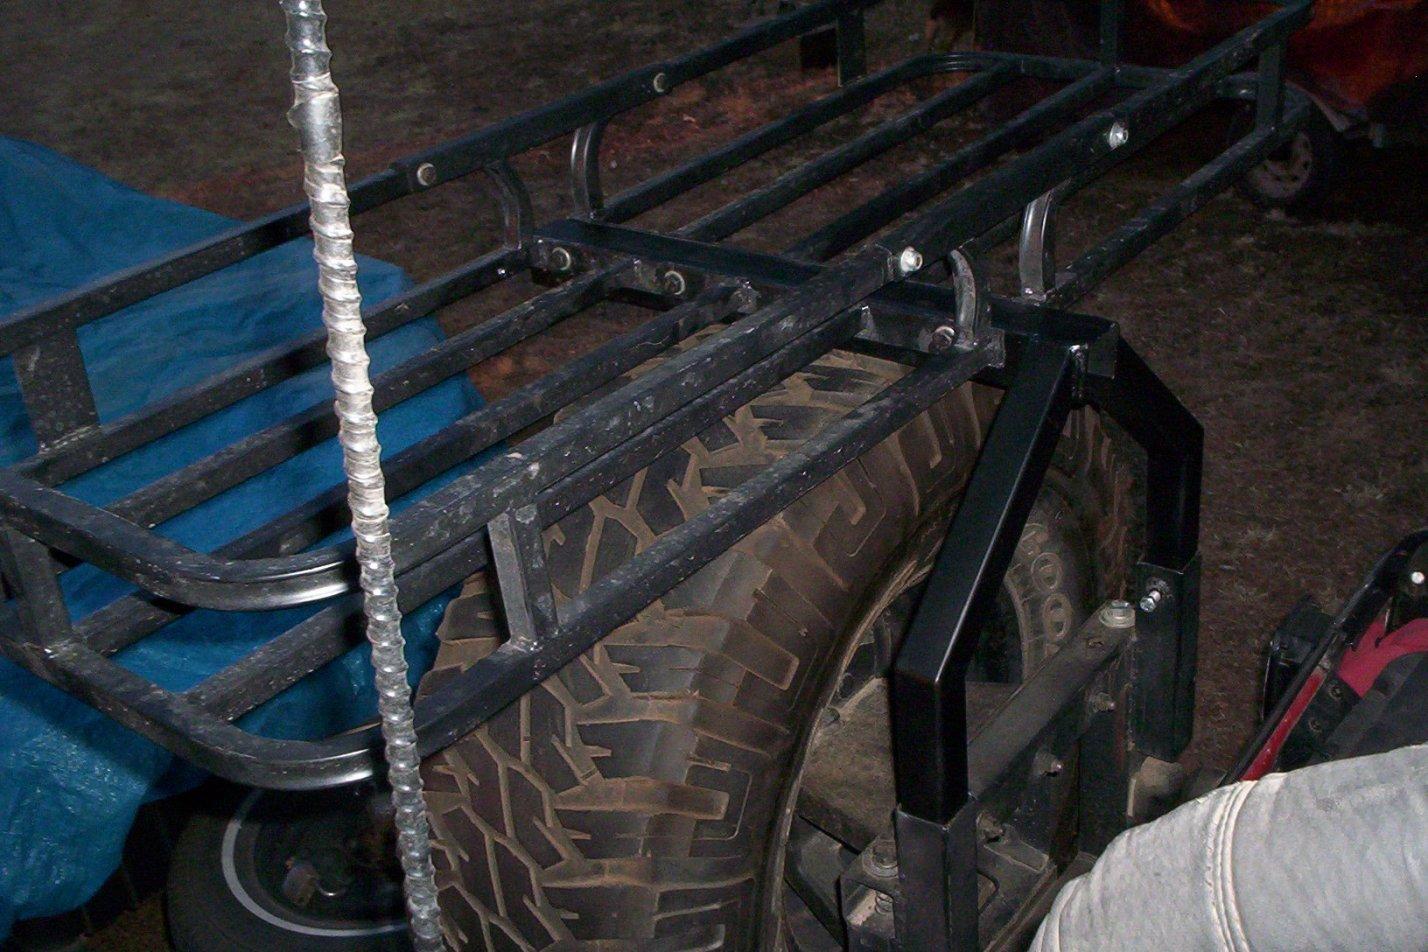 jeep-rack-008.jpg